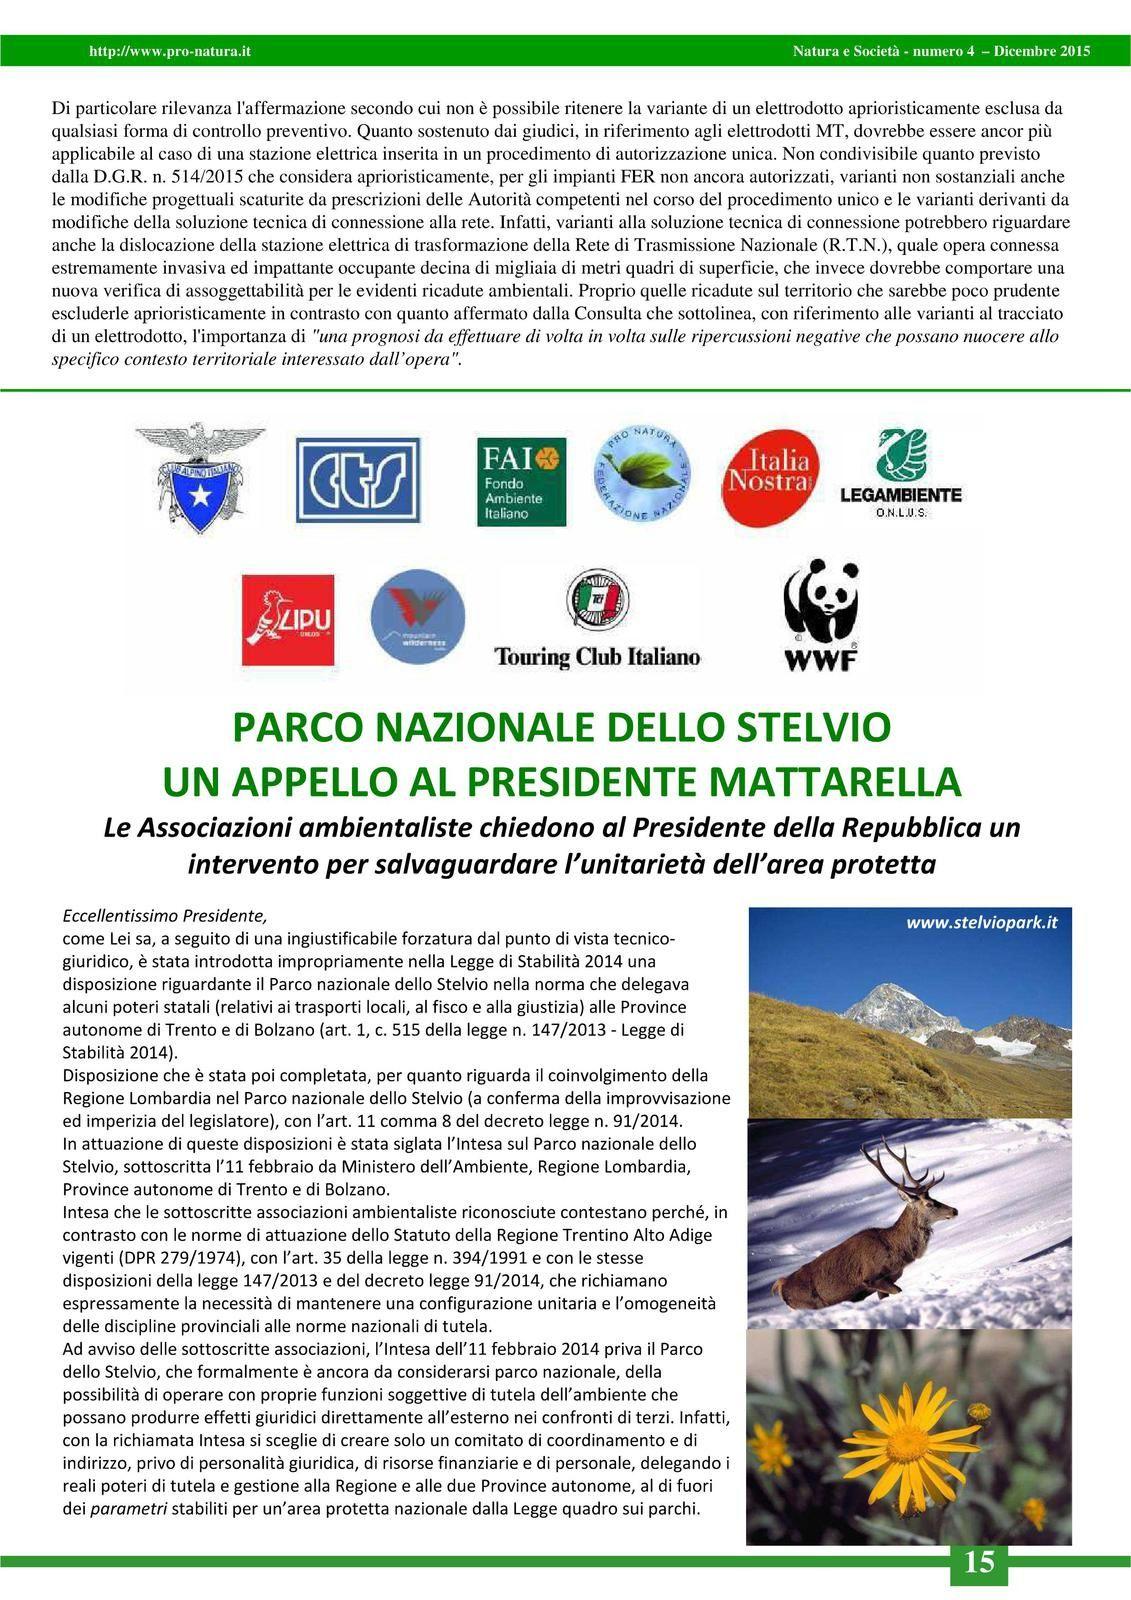 Notiziario &quot&#x3B;Natura e Società&quot&#x3B;, numero 4 - Dic. 2015, pp. 14 - 15